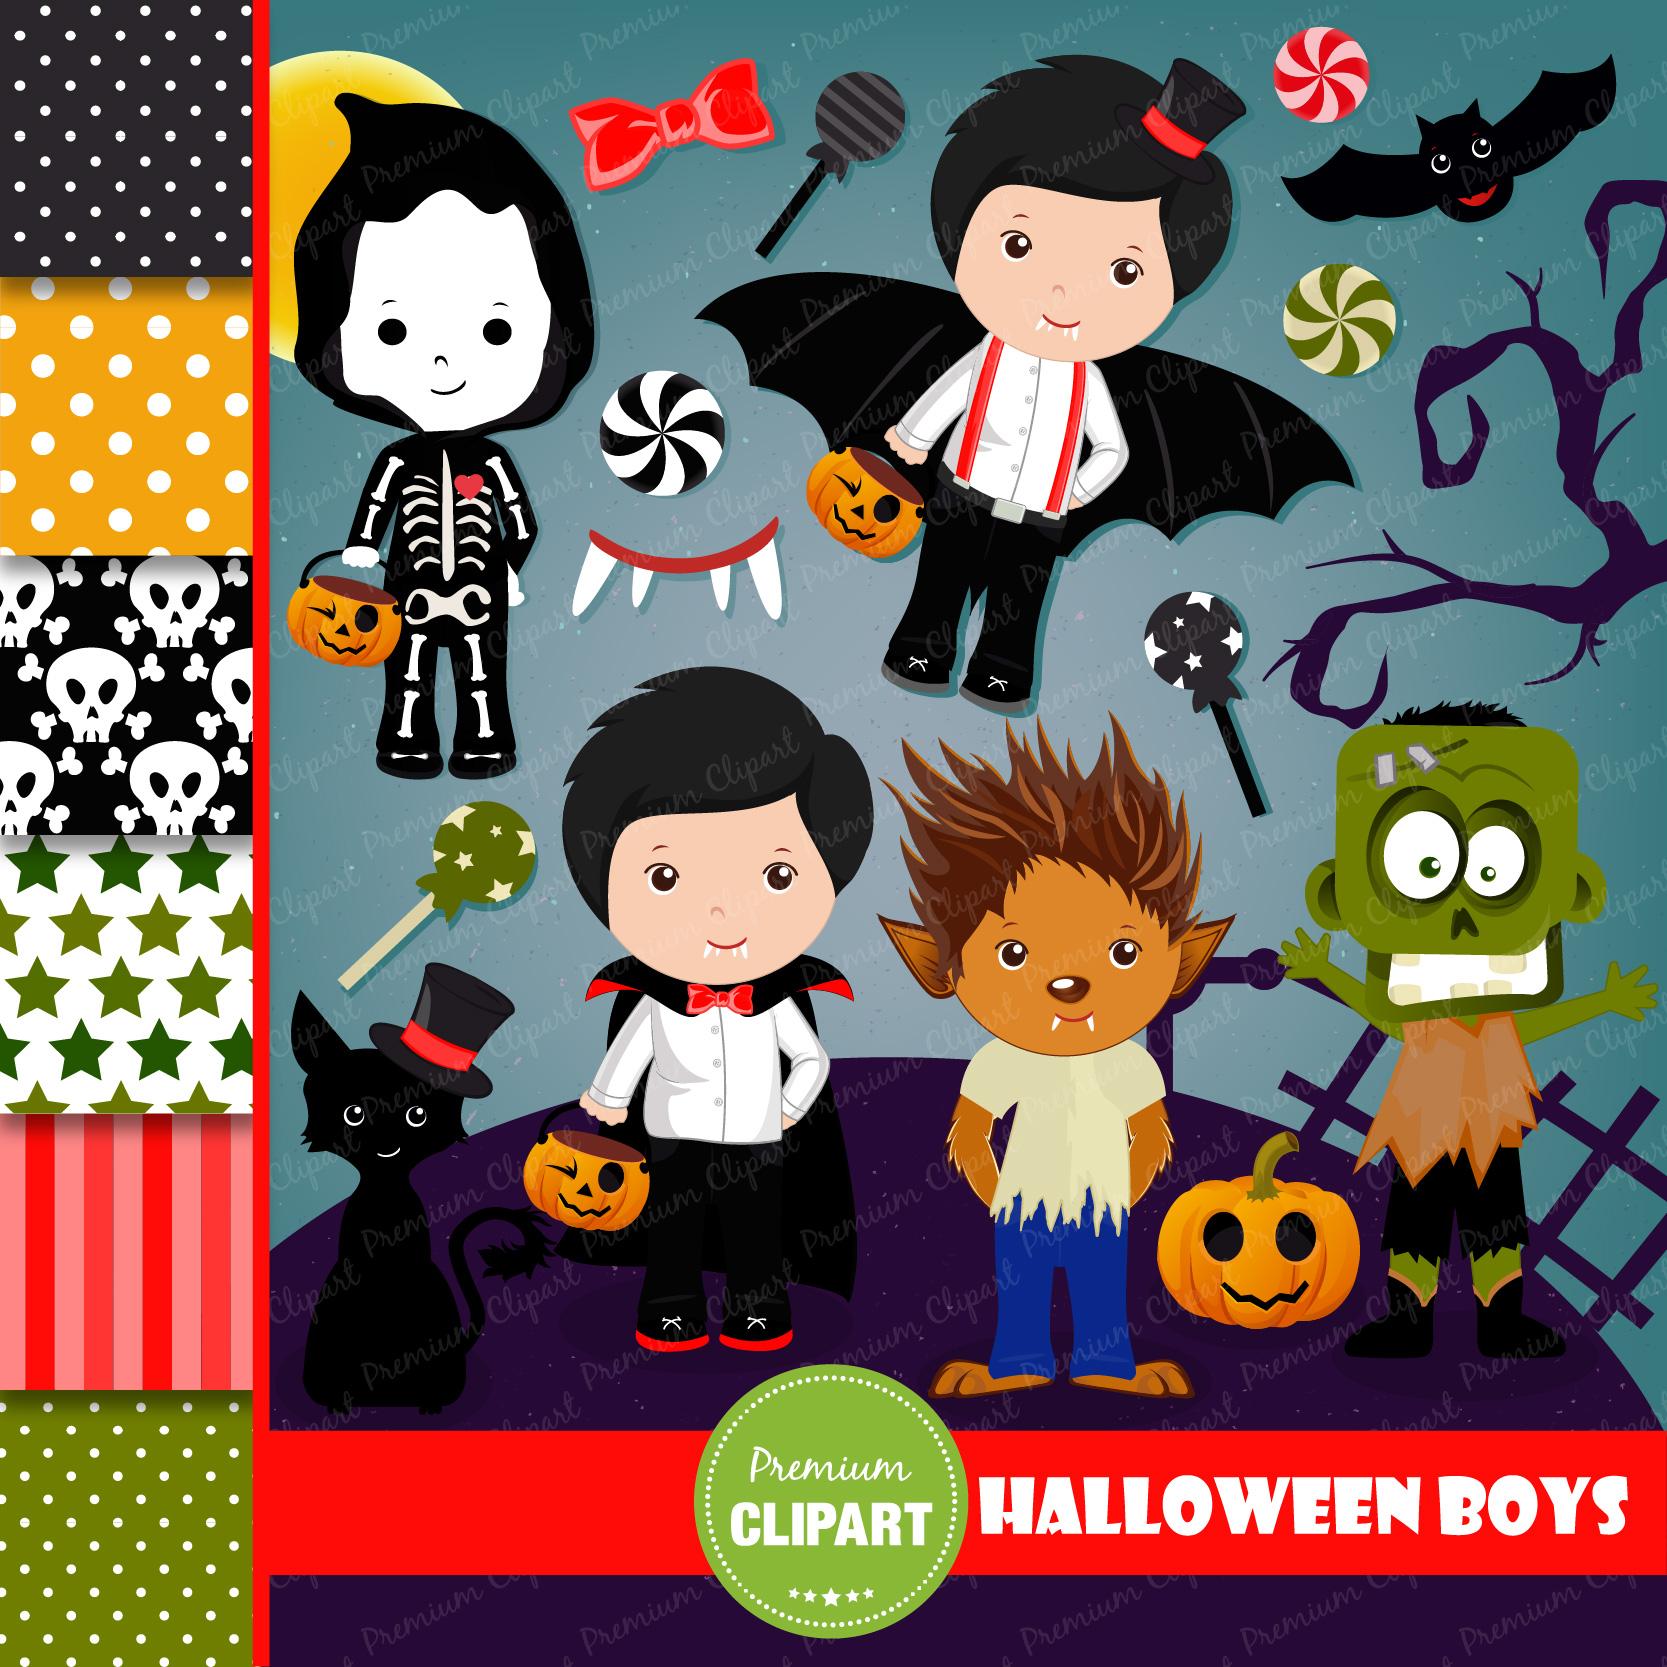 Halloween bundle, Halloween illustrations example image 20